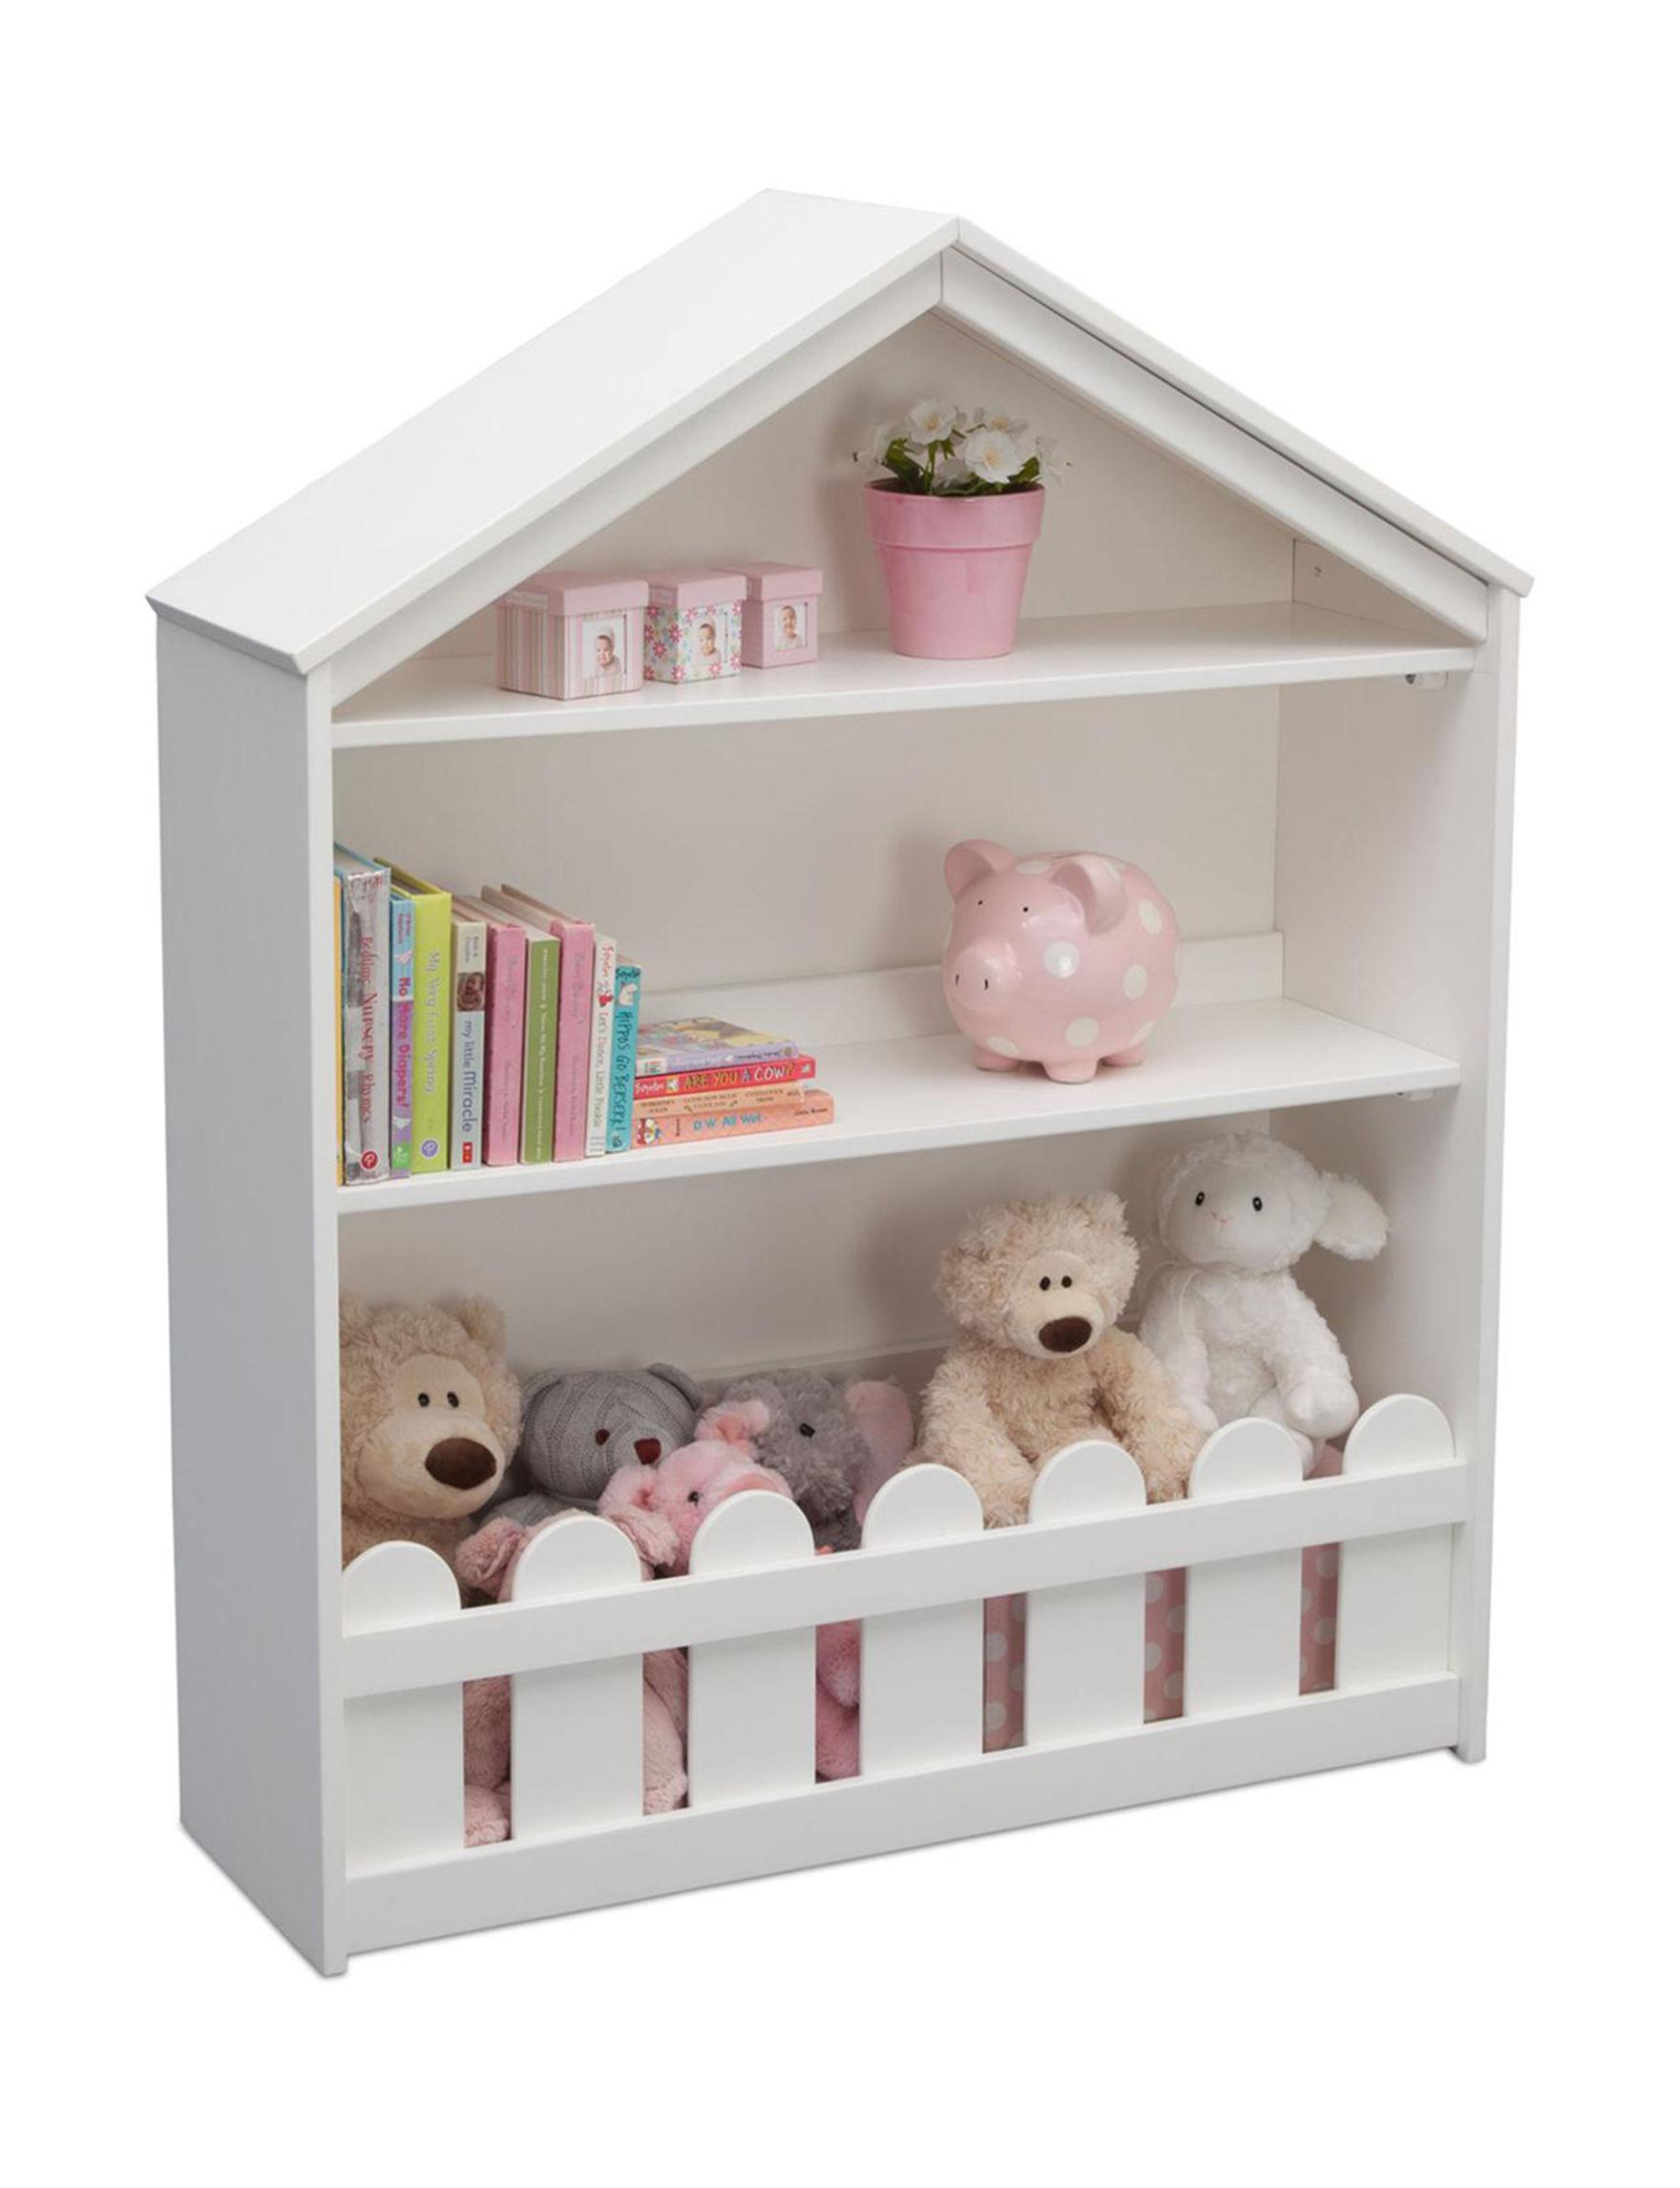 Serta White Bookcases & Shelves Living Room Furniture